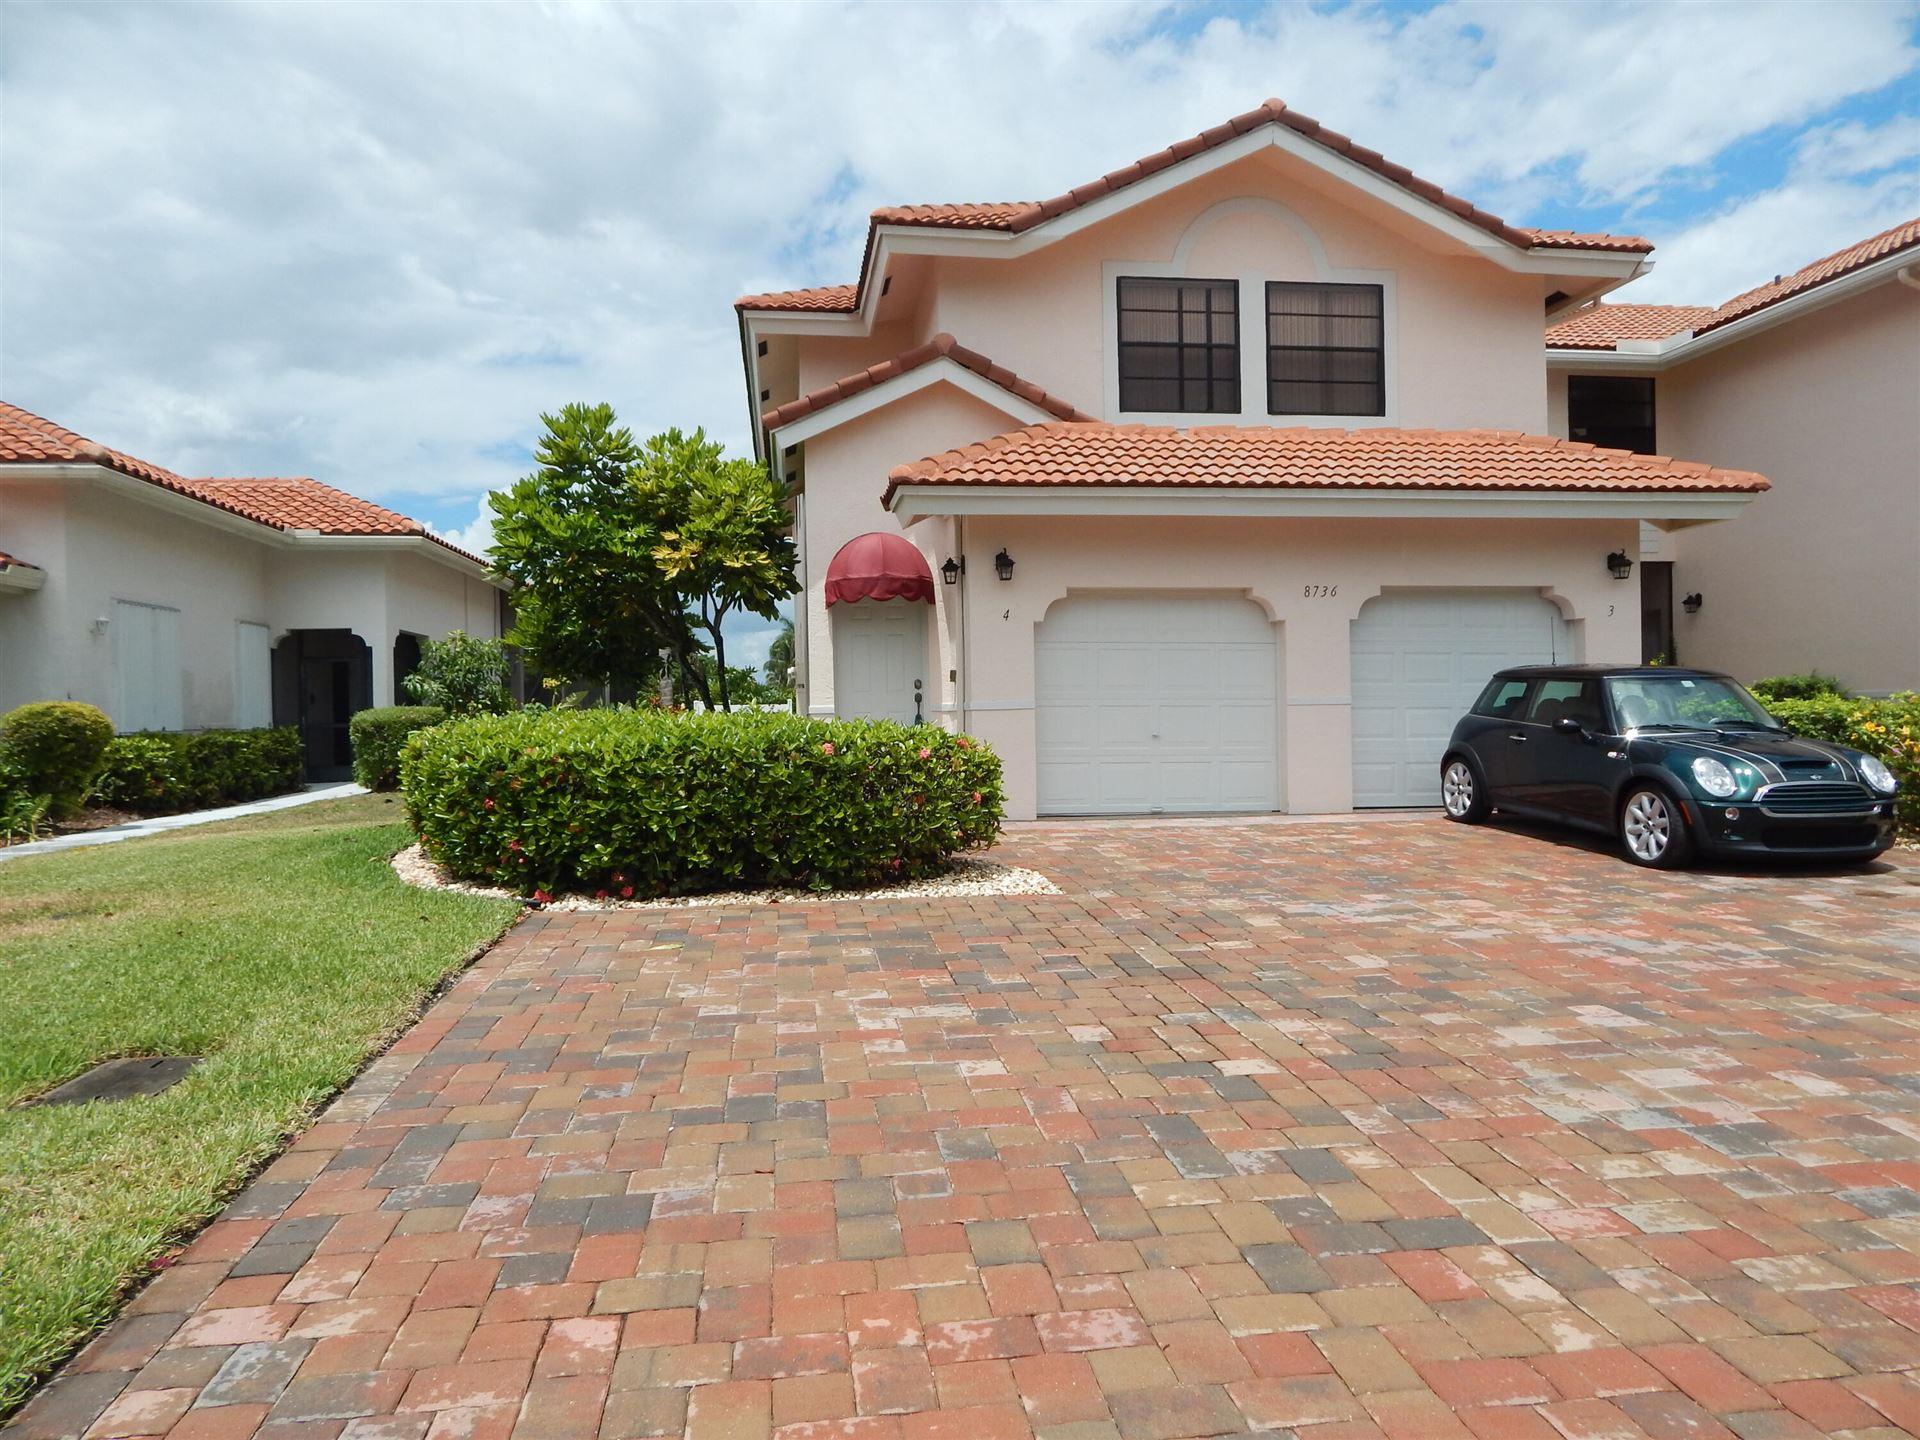 8736 Via Reale #54u, Boca Raton, FL 33496 - MLS#: RX-10717107